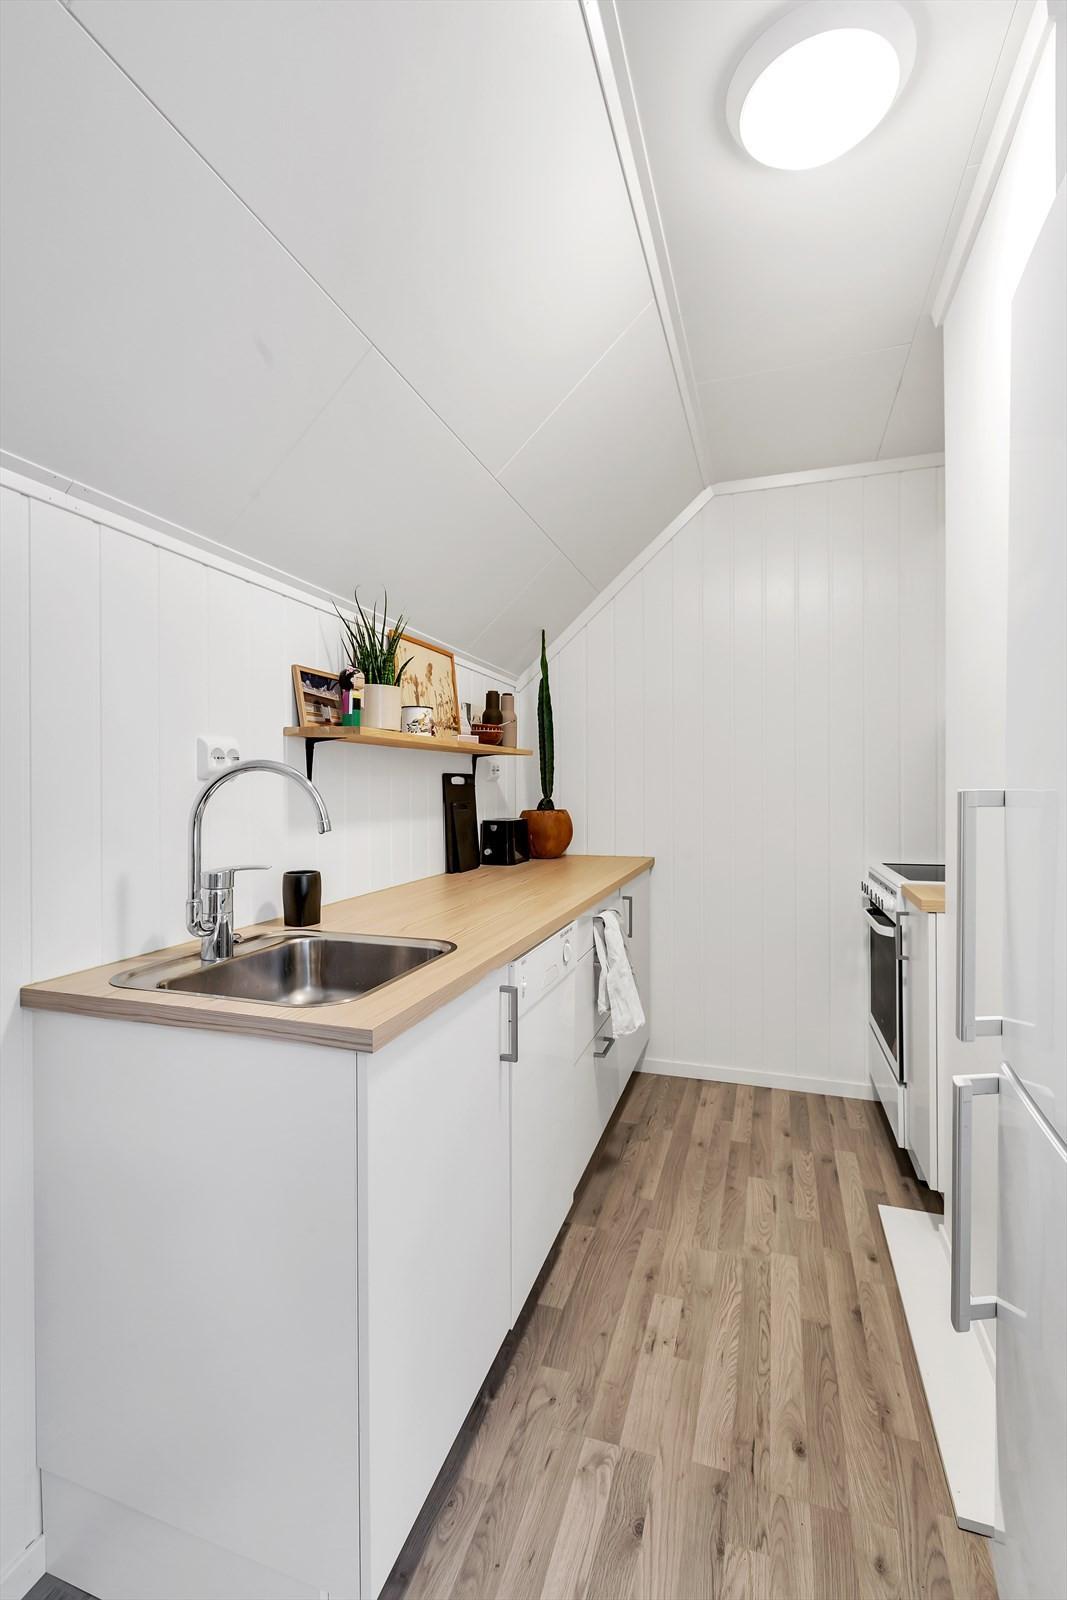 Kjøkken på loftet